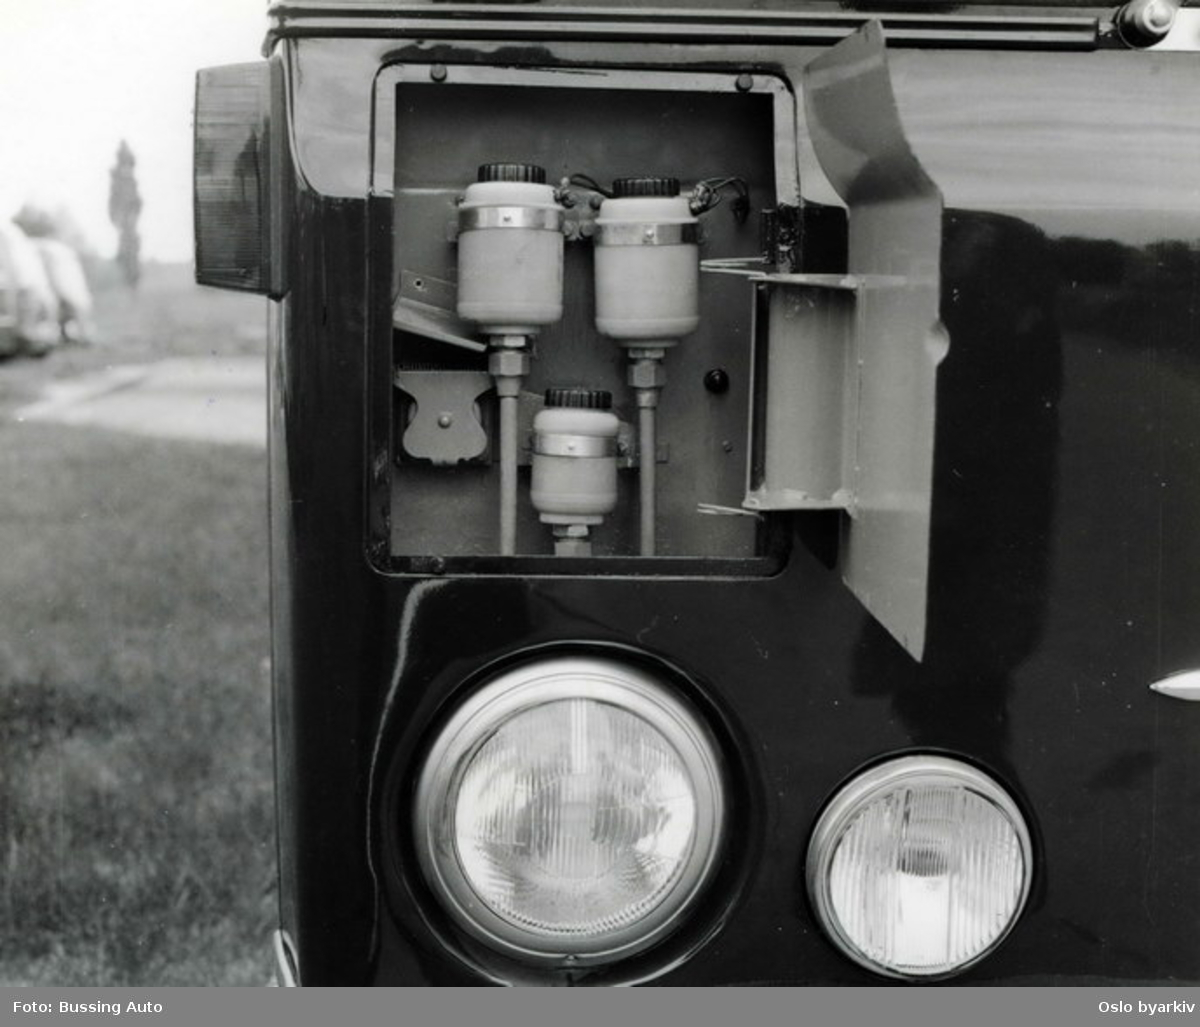 Oslo Sporveier. Detalj-bilde på en ny Büssing-buss fra enten 1965 eller 1968.